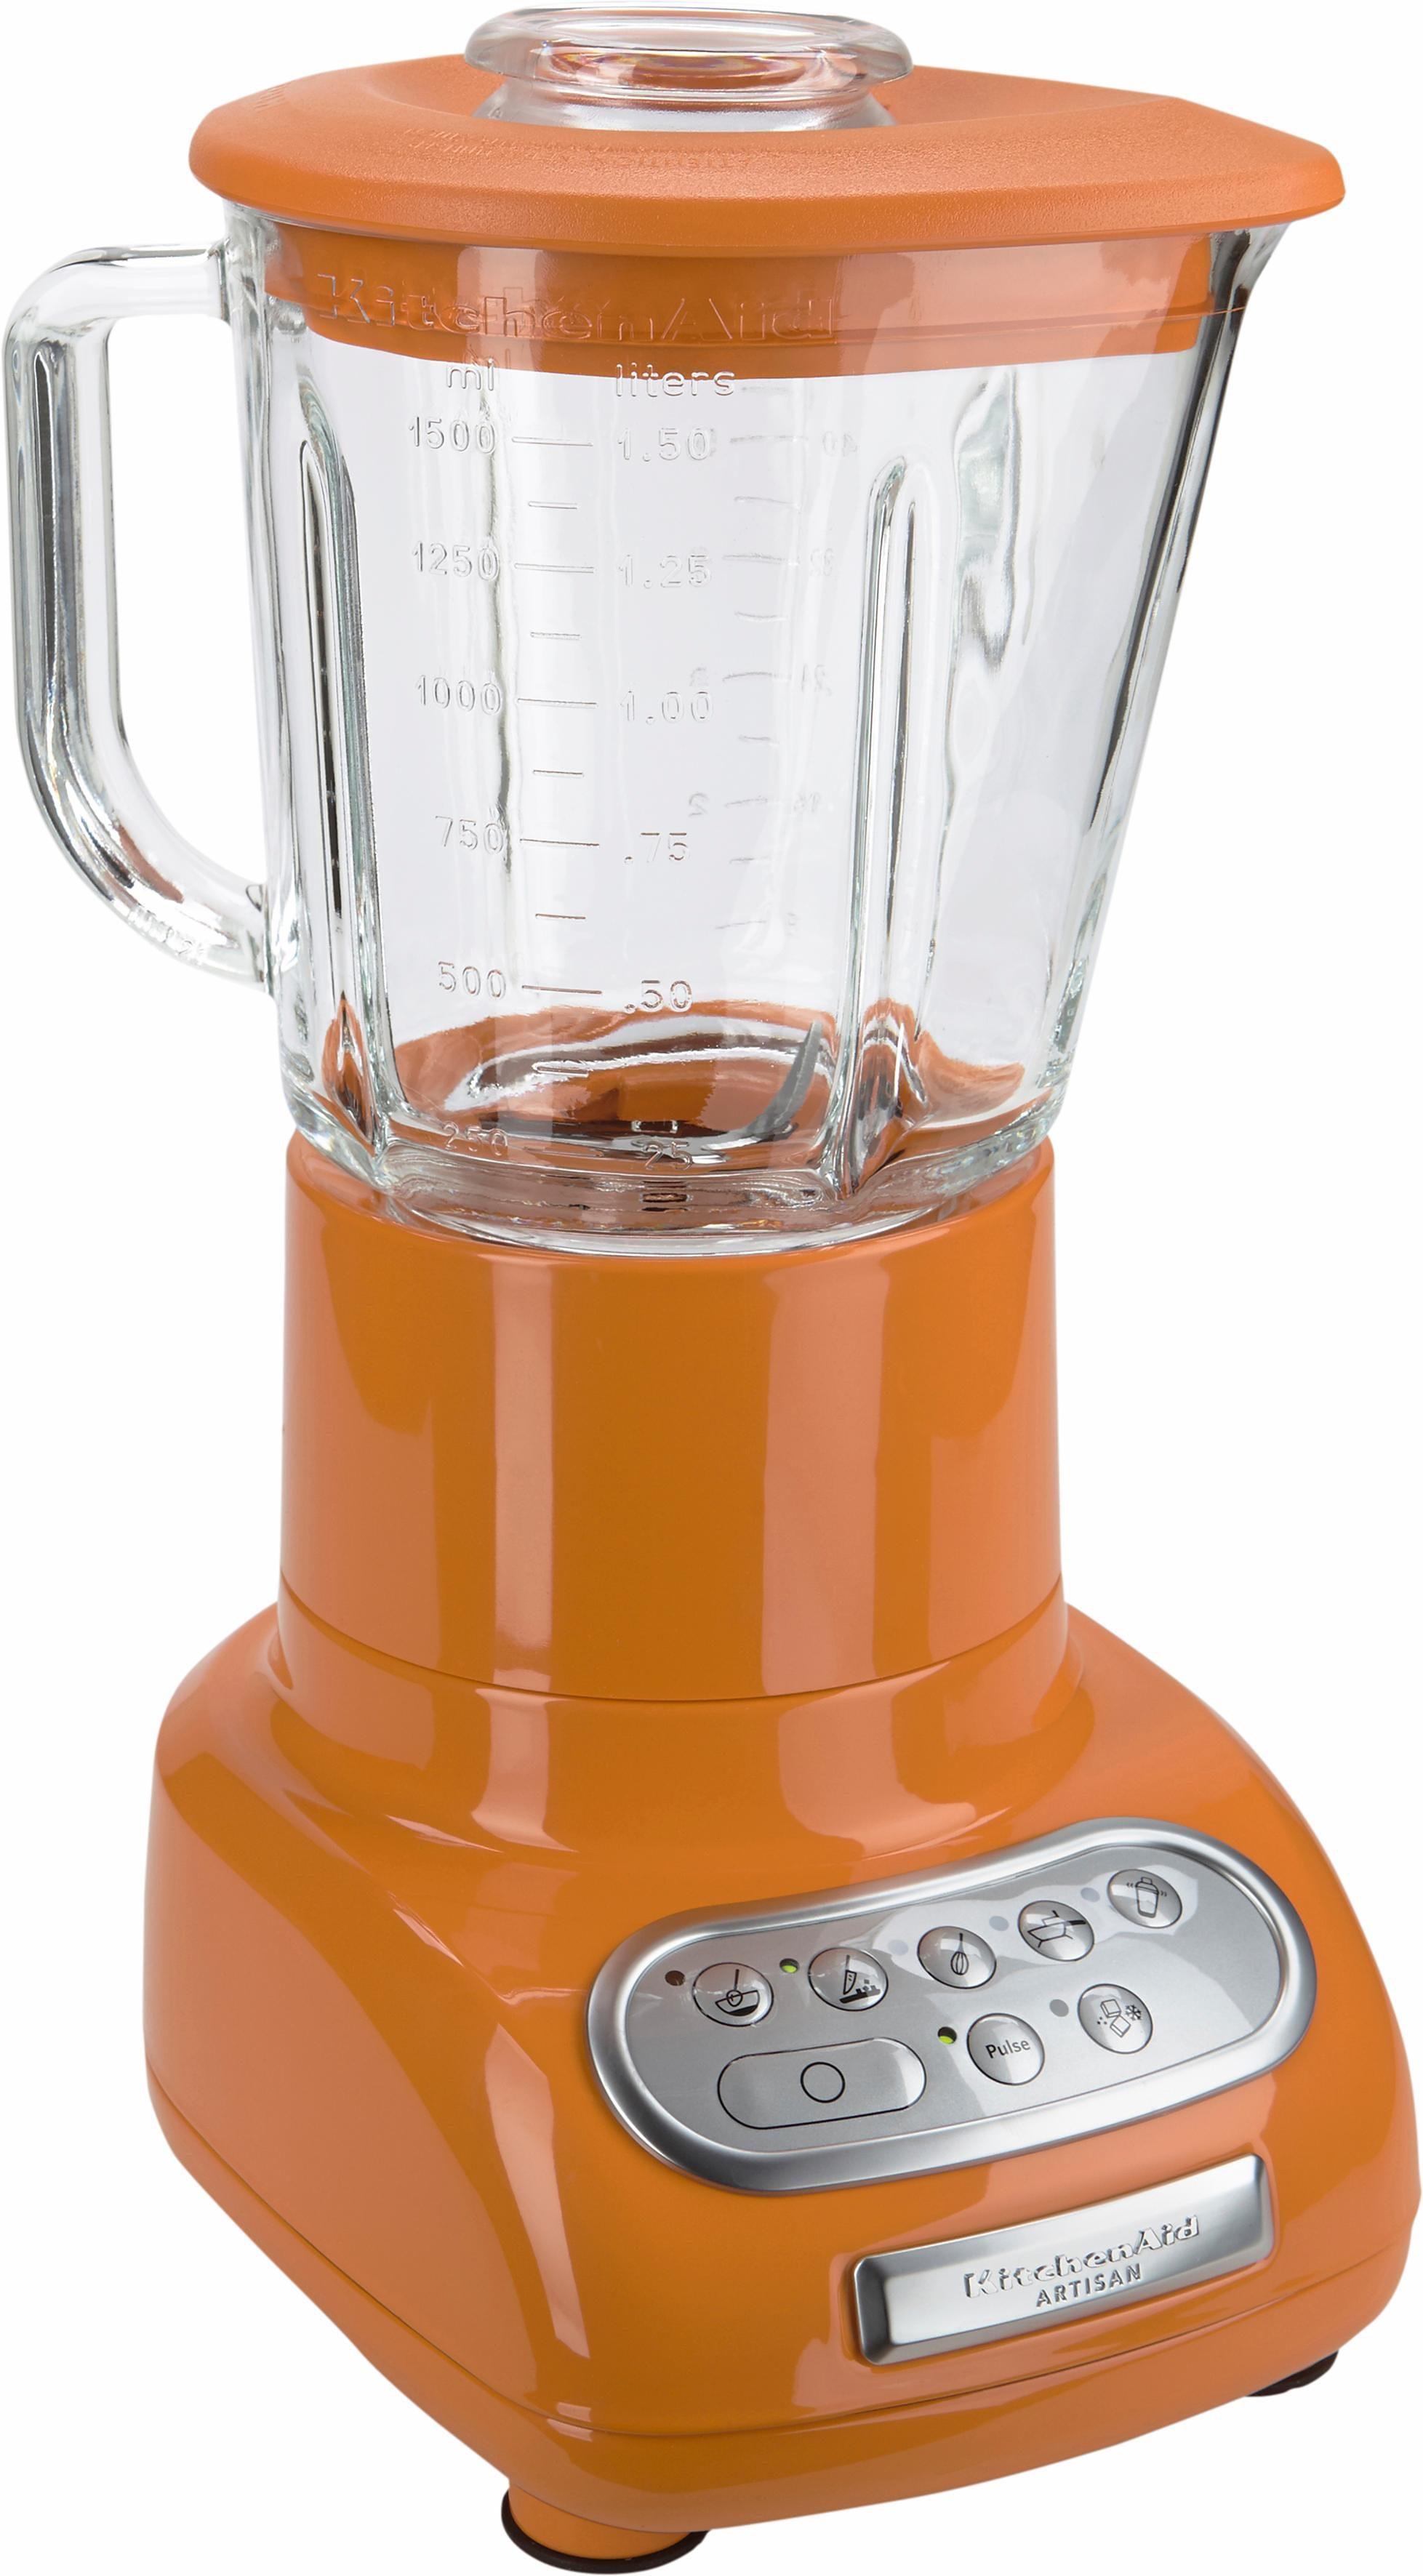 KitchenAid Standmixer 5KSB5553ETG, 550 W